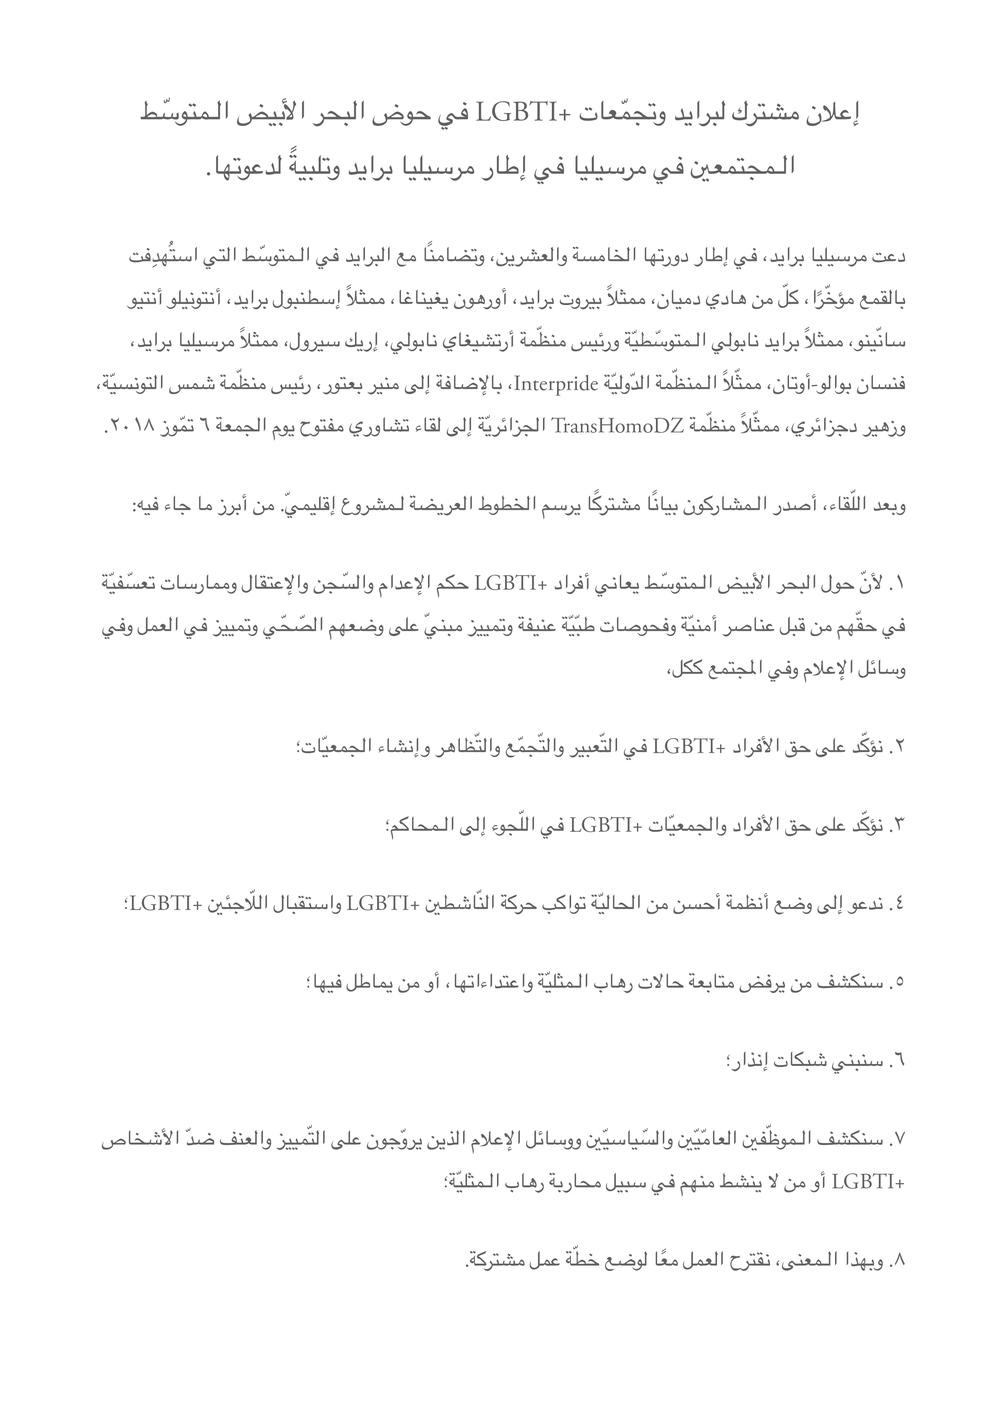 Déclaration-de-Marseille-pour-le-site-internet-arabe.png